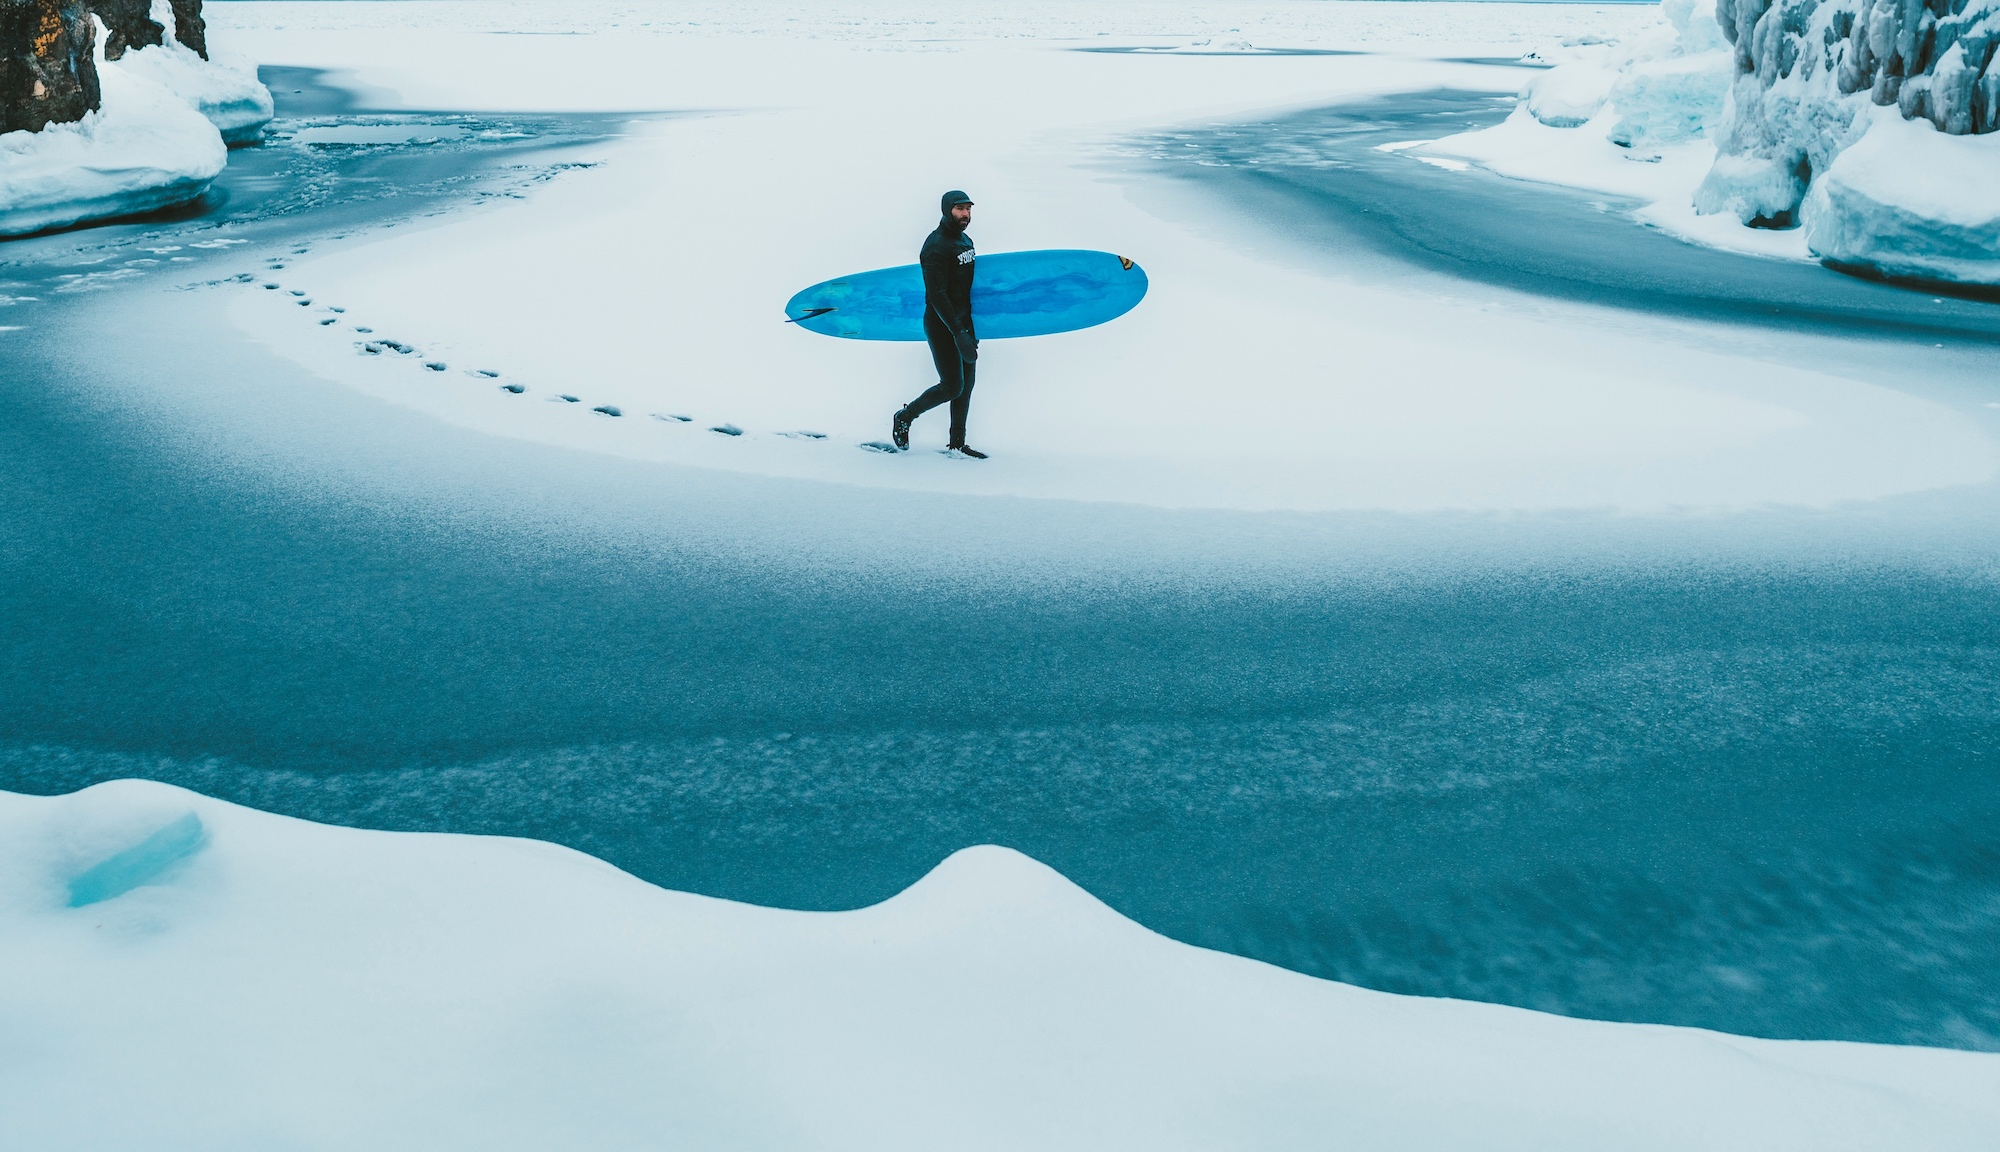 Image Surfer Dan